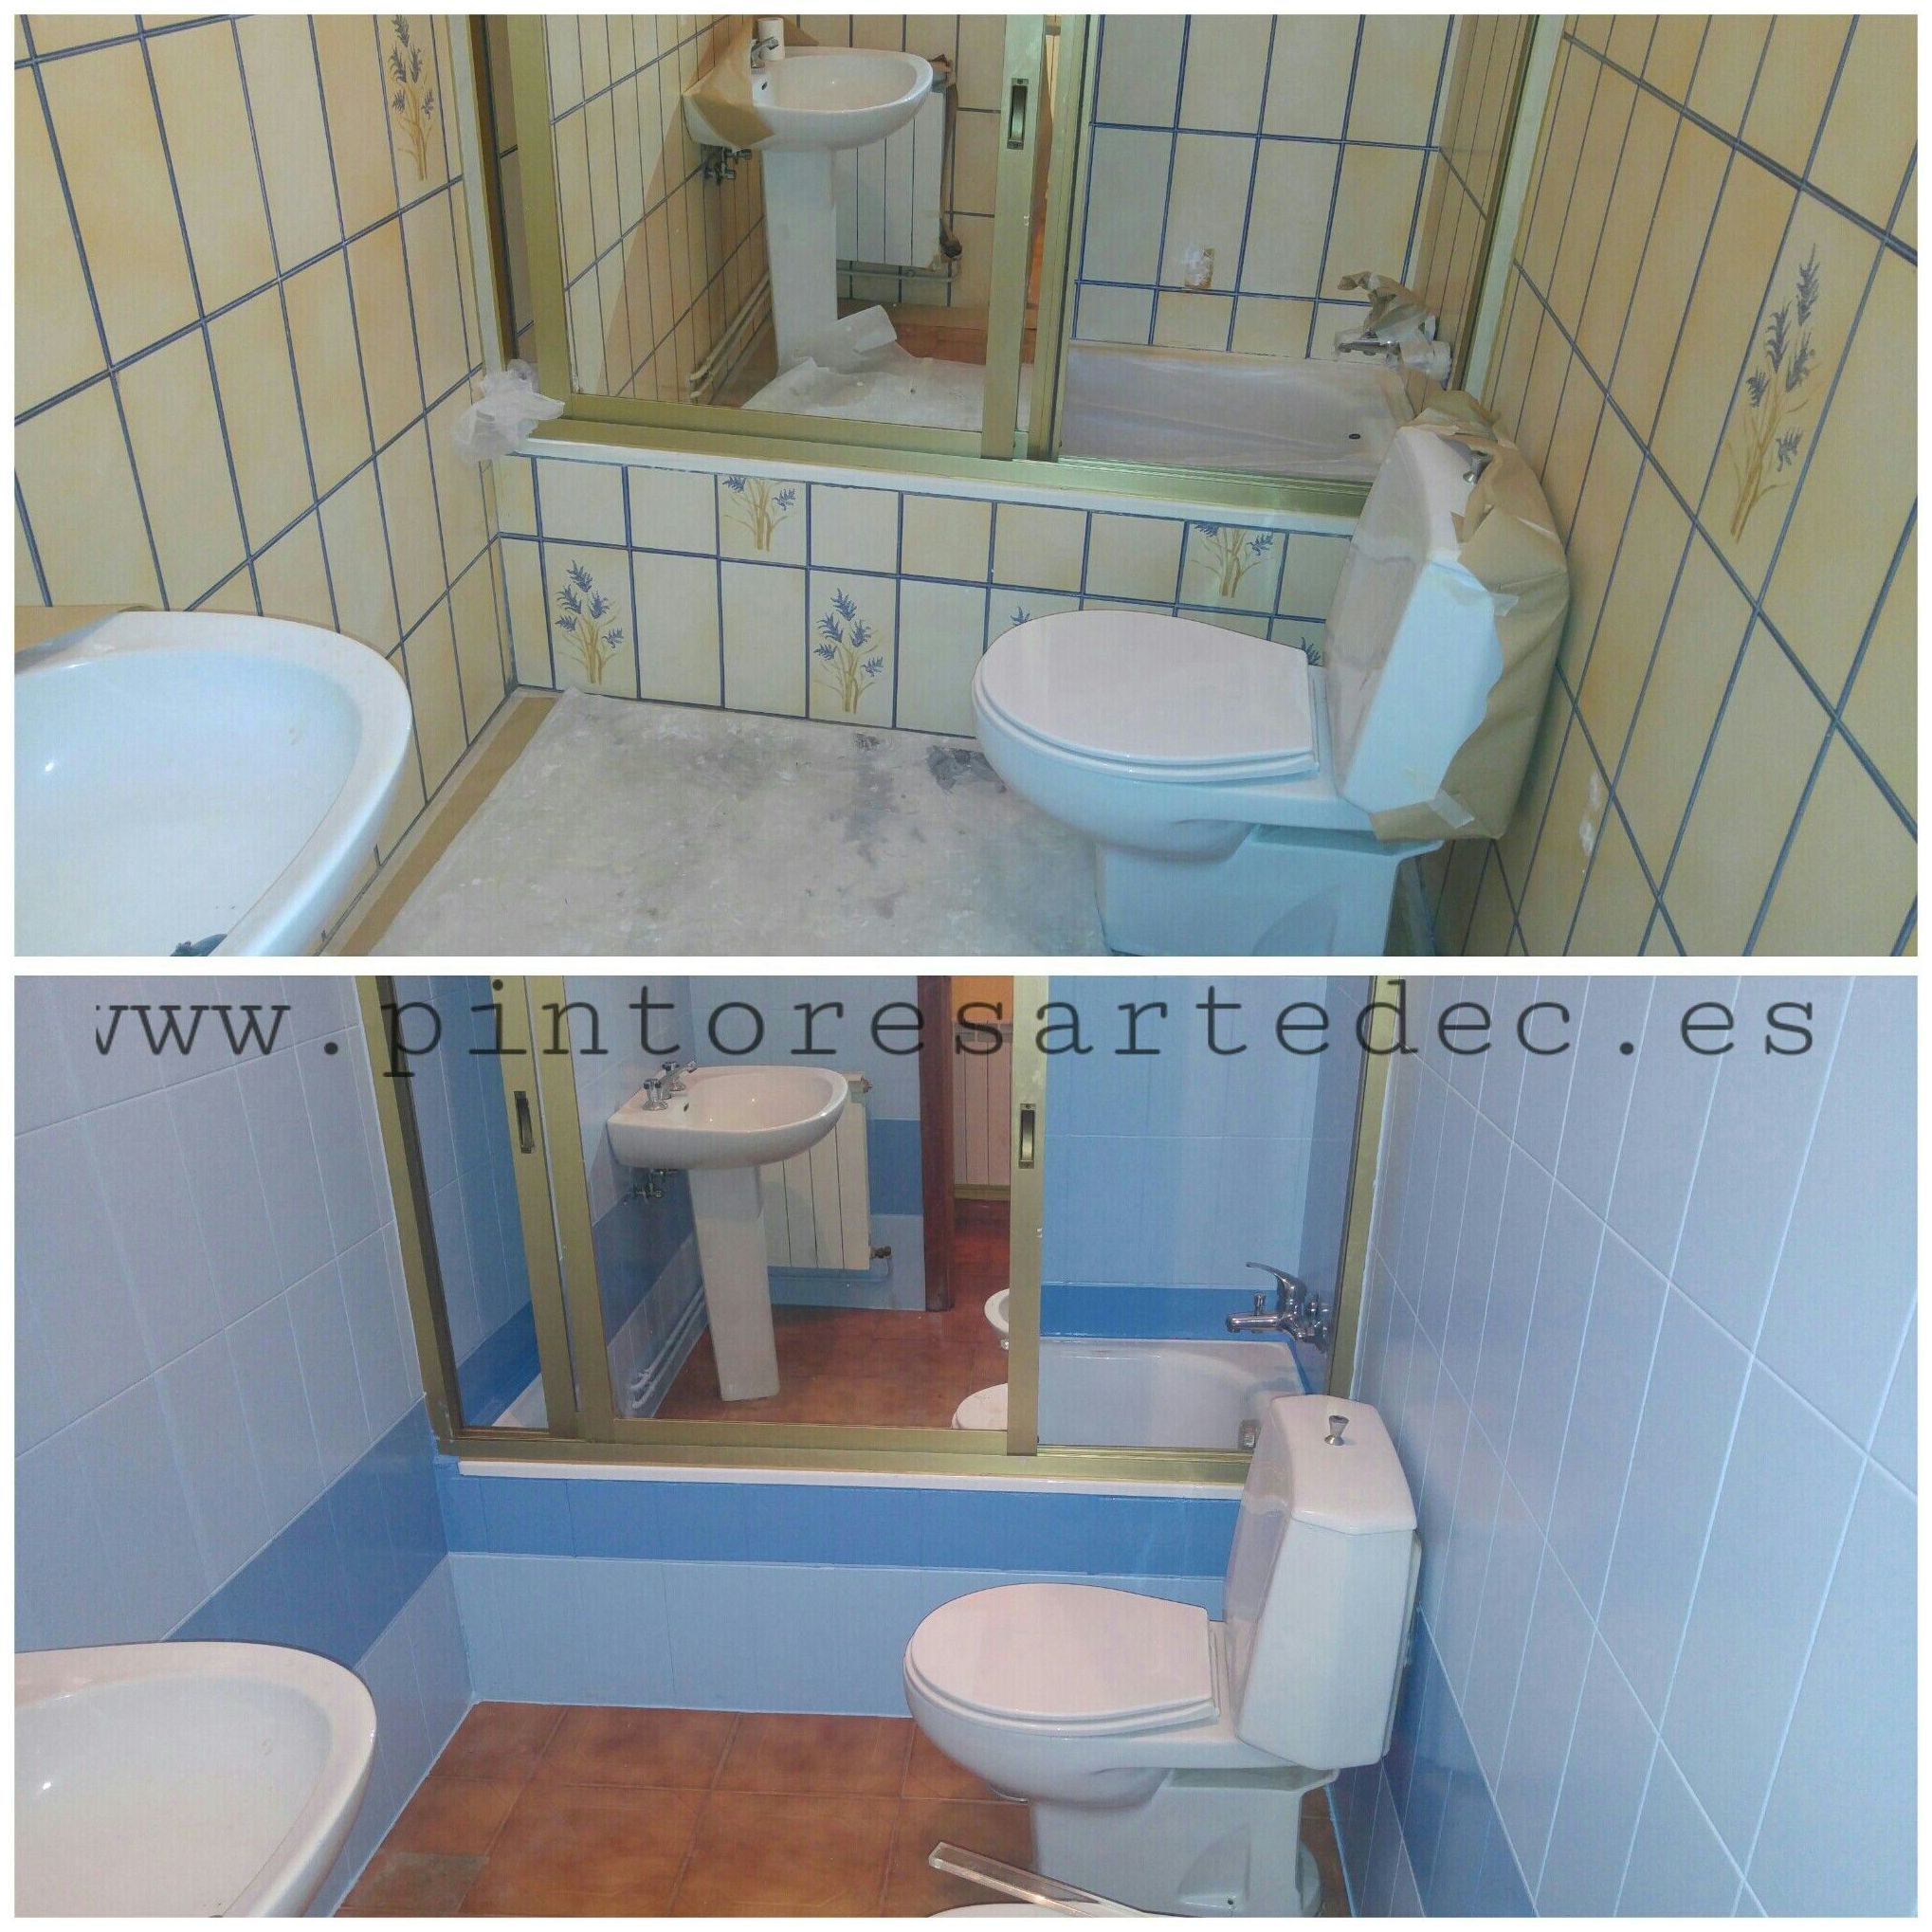 Pintura para azulejos servicios de pintores artedec - Pinturas para azulejos de bano ...